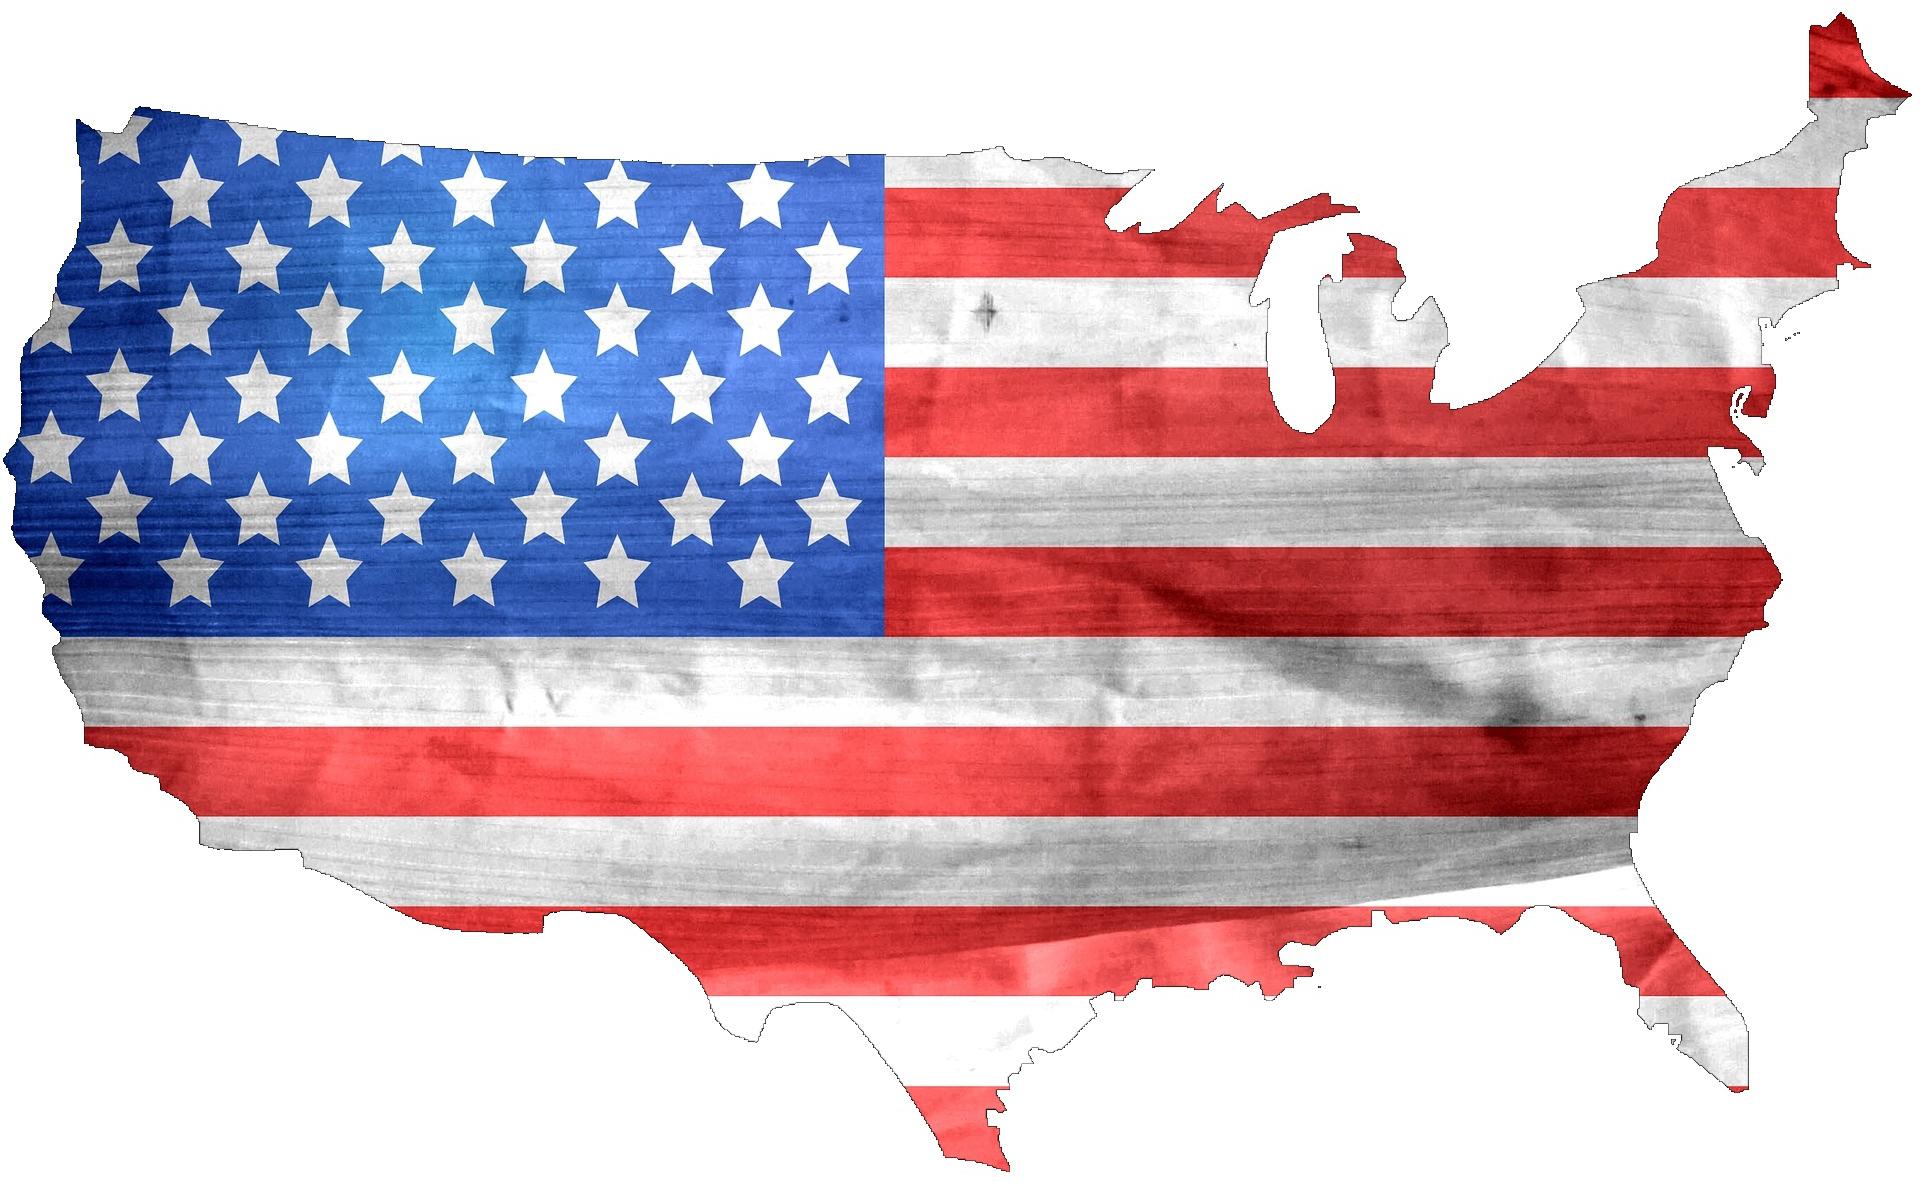 Juiz orienta mulher sobre base jurídica correta para mover ação nos EUA